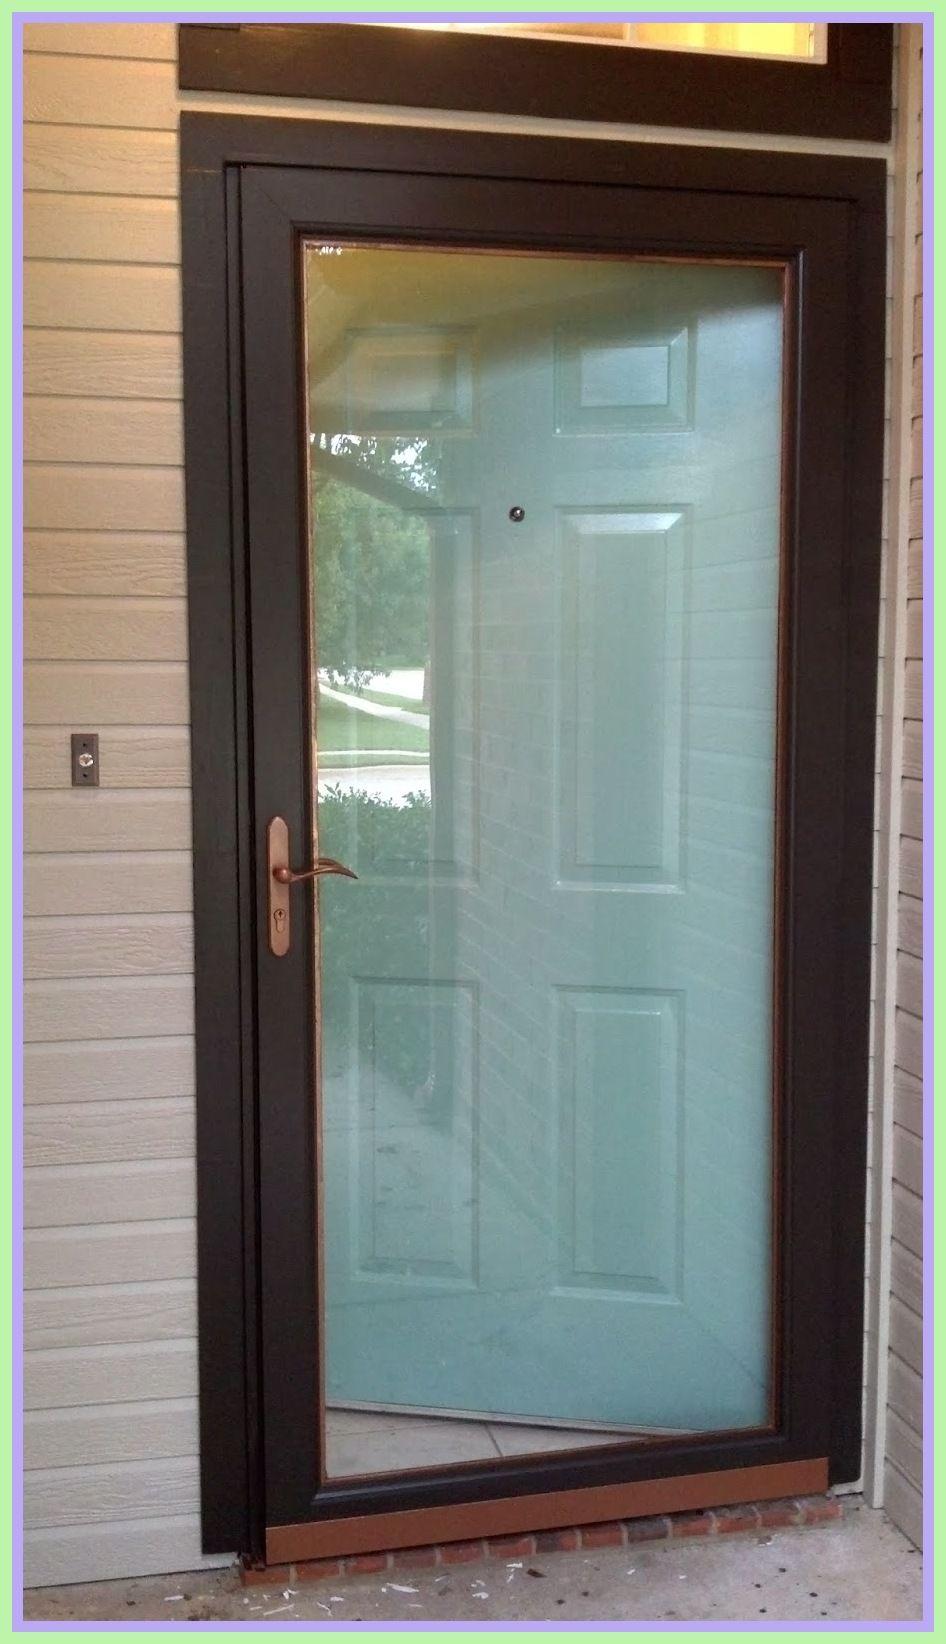 47 Reference Of Storm Door Hardware Front Door Trim In 2020 Glass Screen Door Glass Storm Doors Painted Front Doors